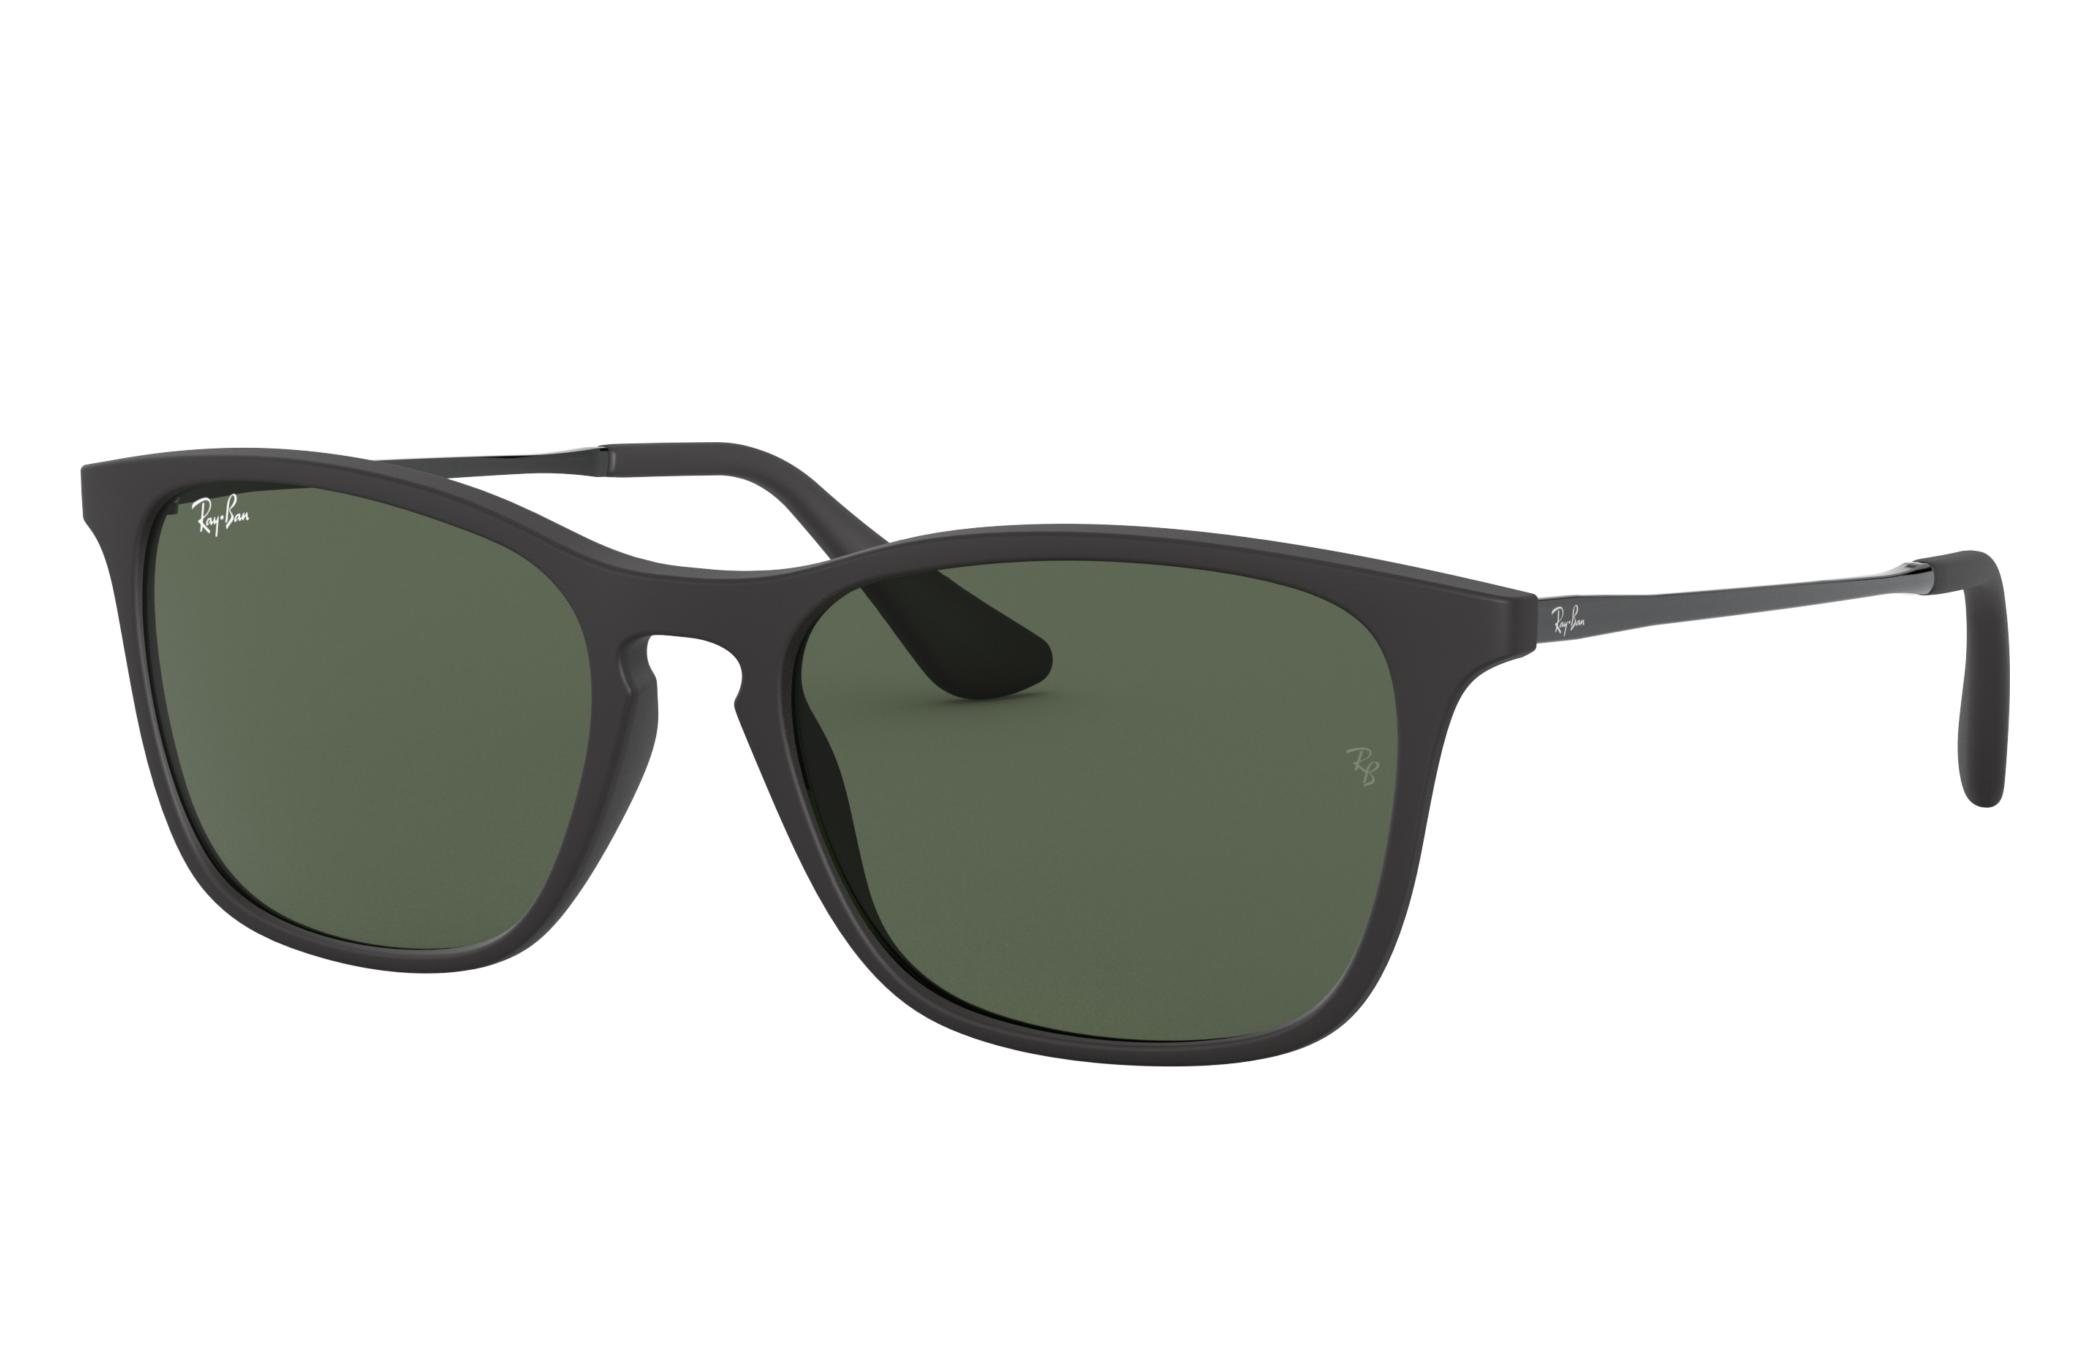 Ray-Ban Chris Junior Black, Green Lenses - RJ9061S